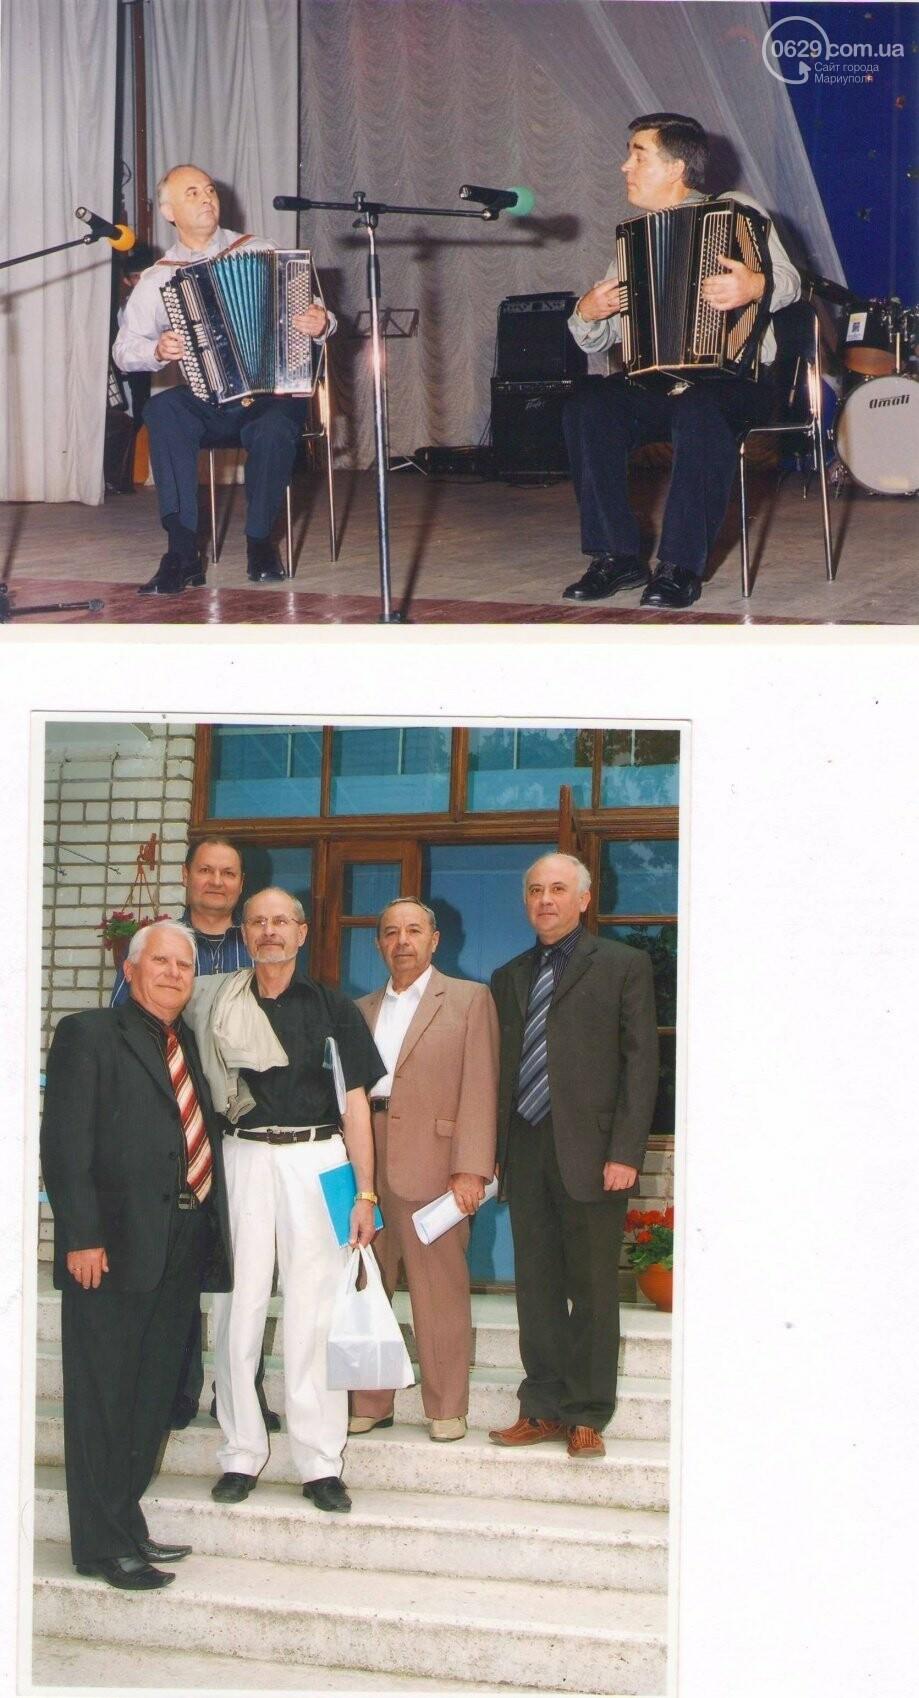 В мариупольской камерной филармонии состоялся вечер памяти композитора Владимира Митина,- ФОТО, фото-1